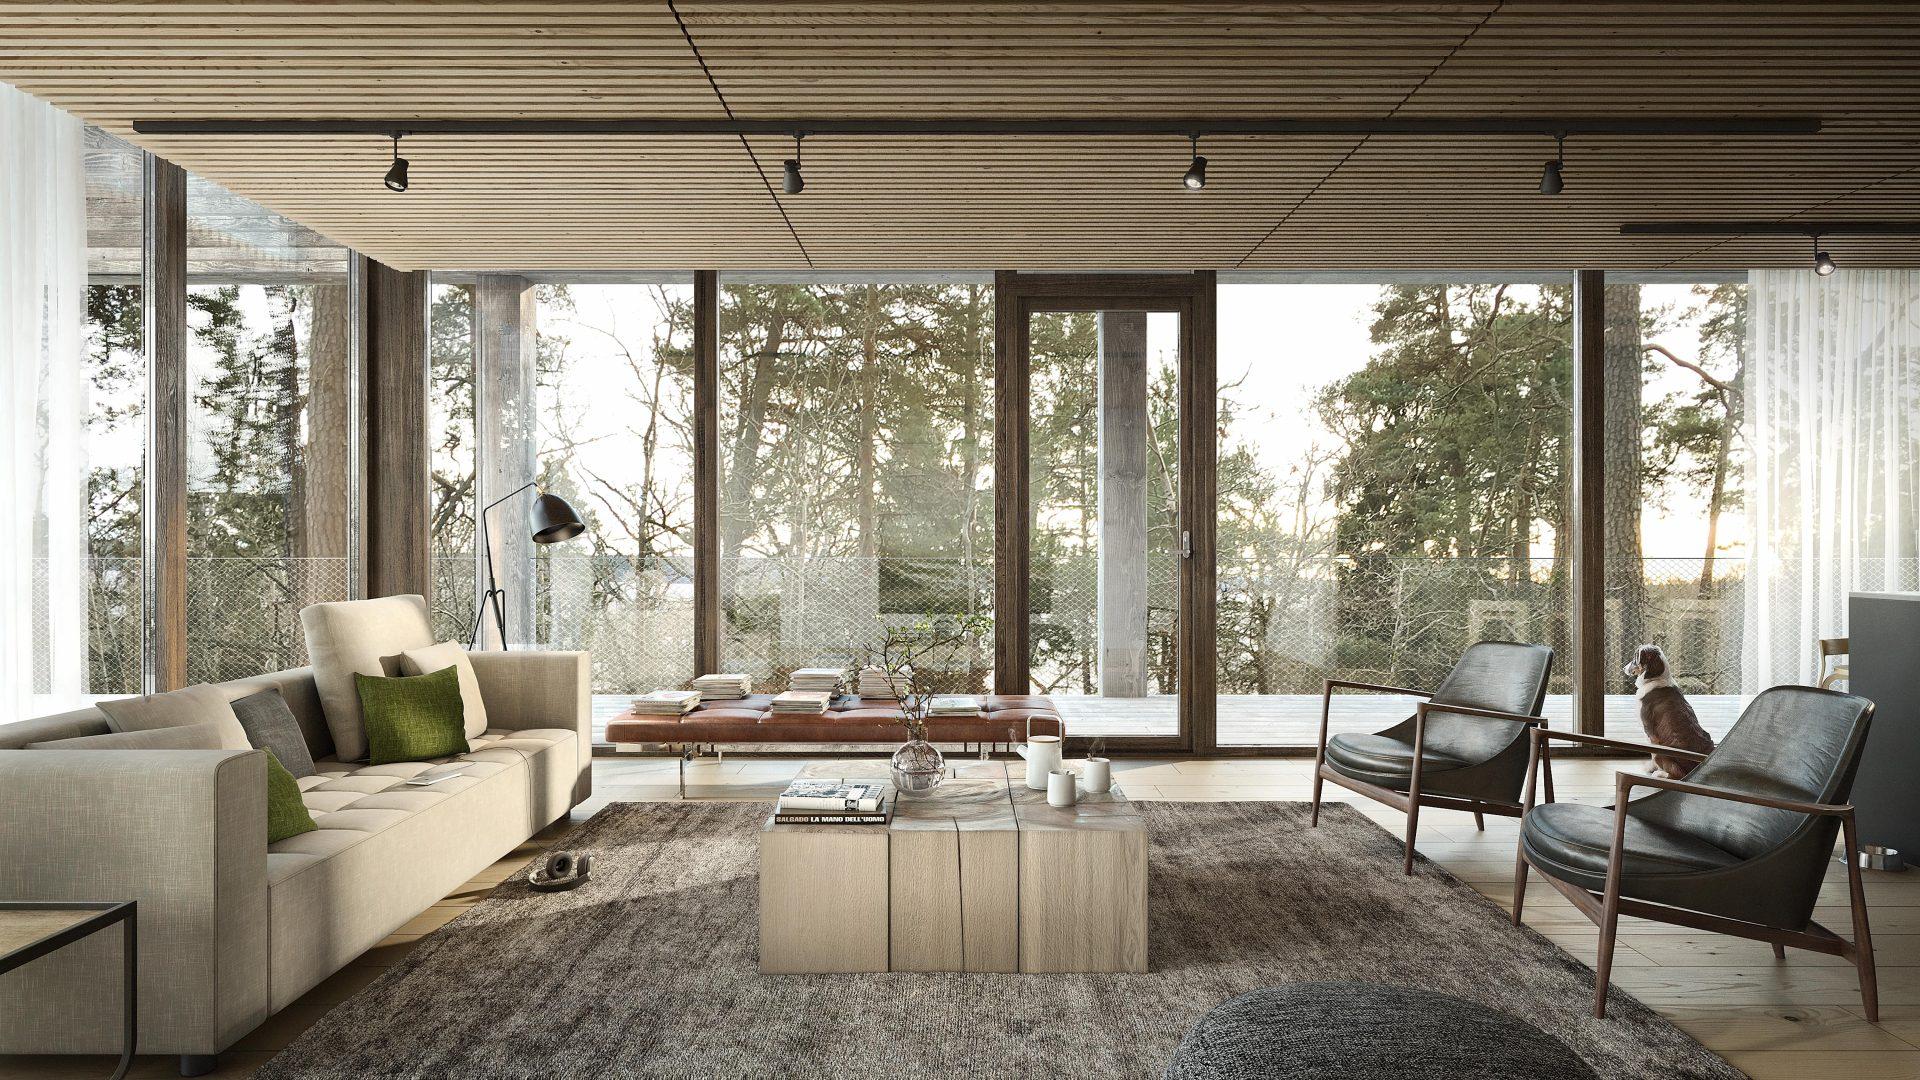 TrarydFonster_Livingroom (2)-min